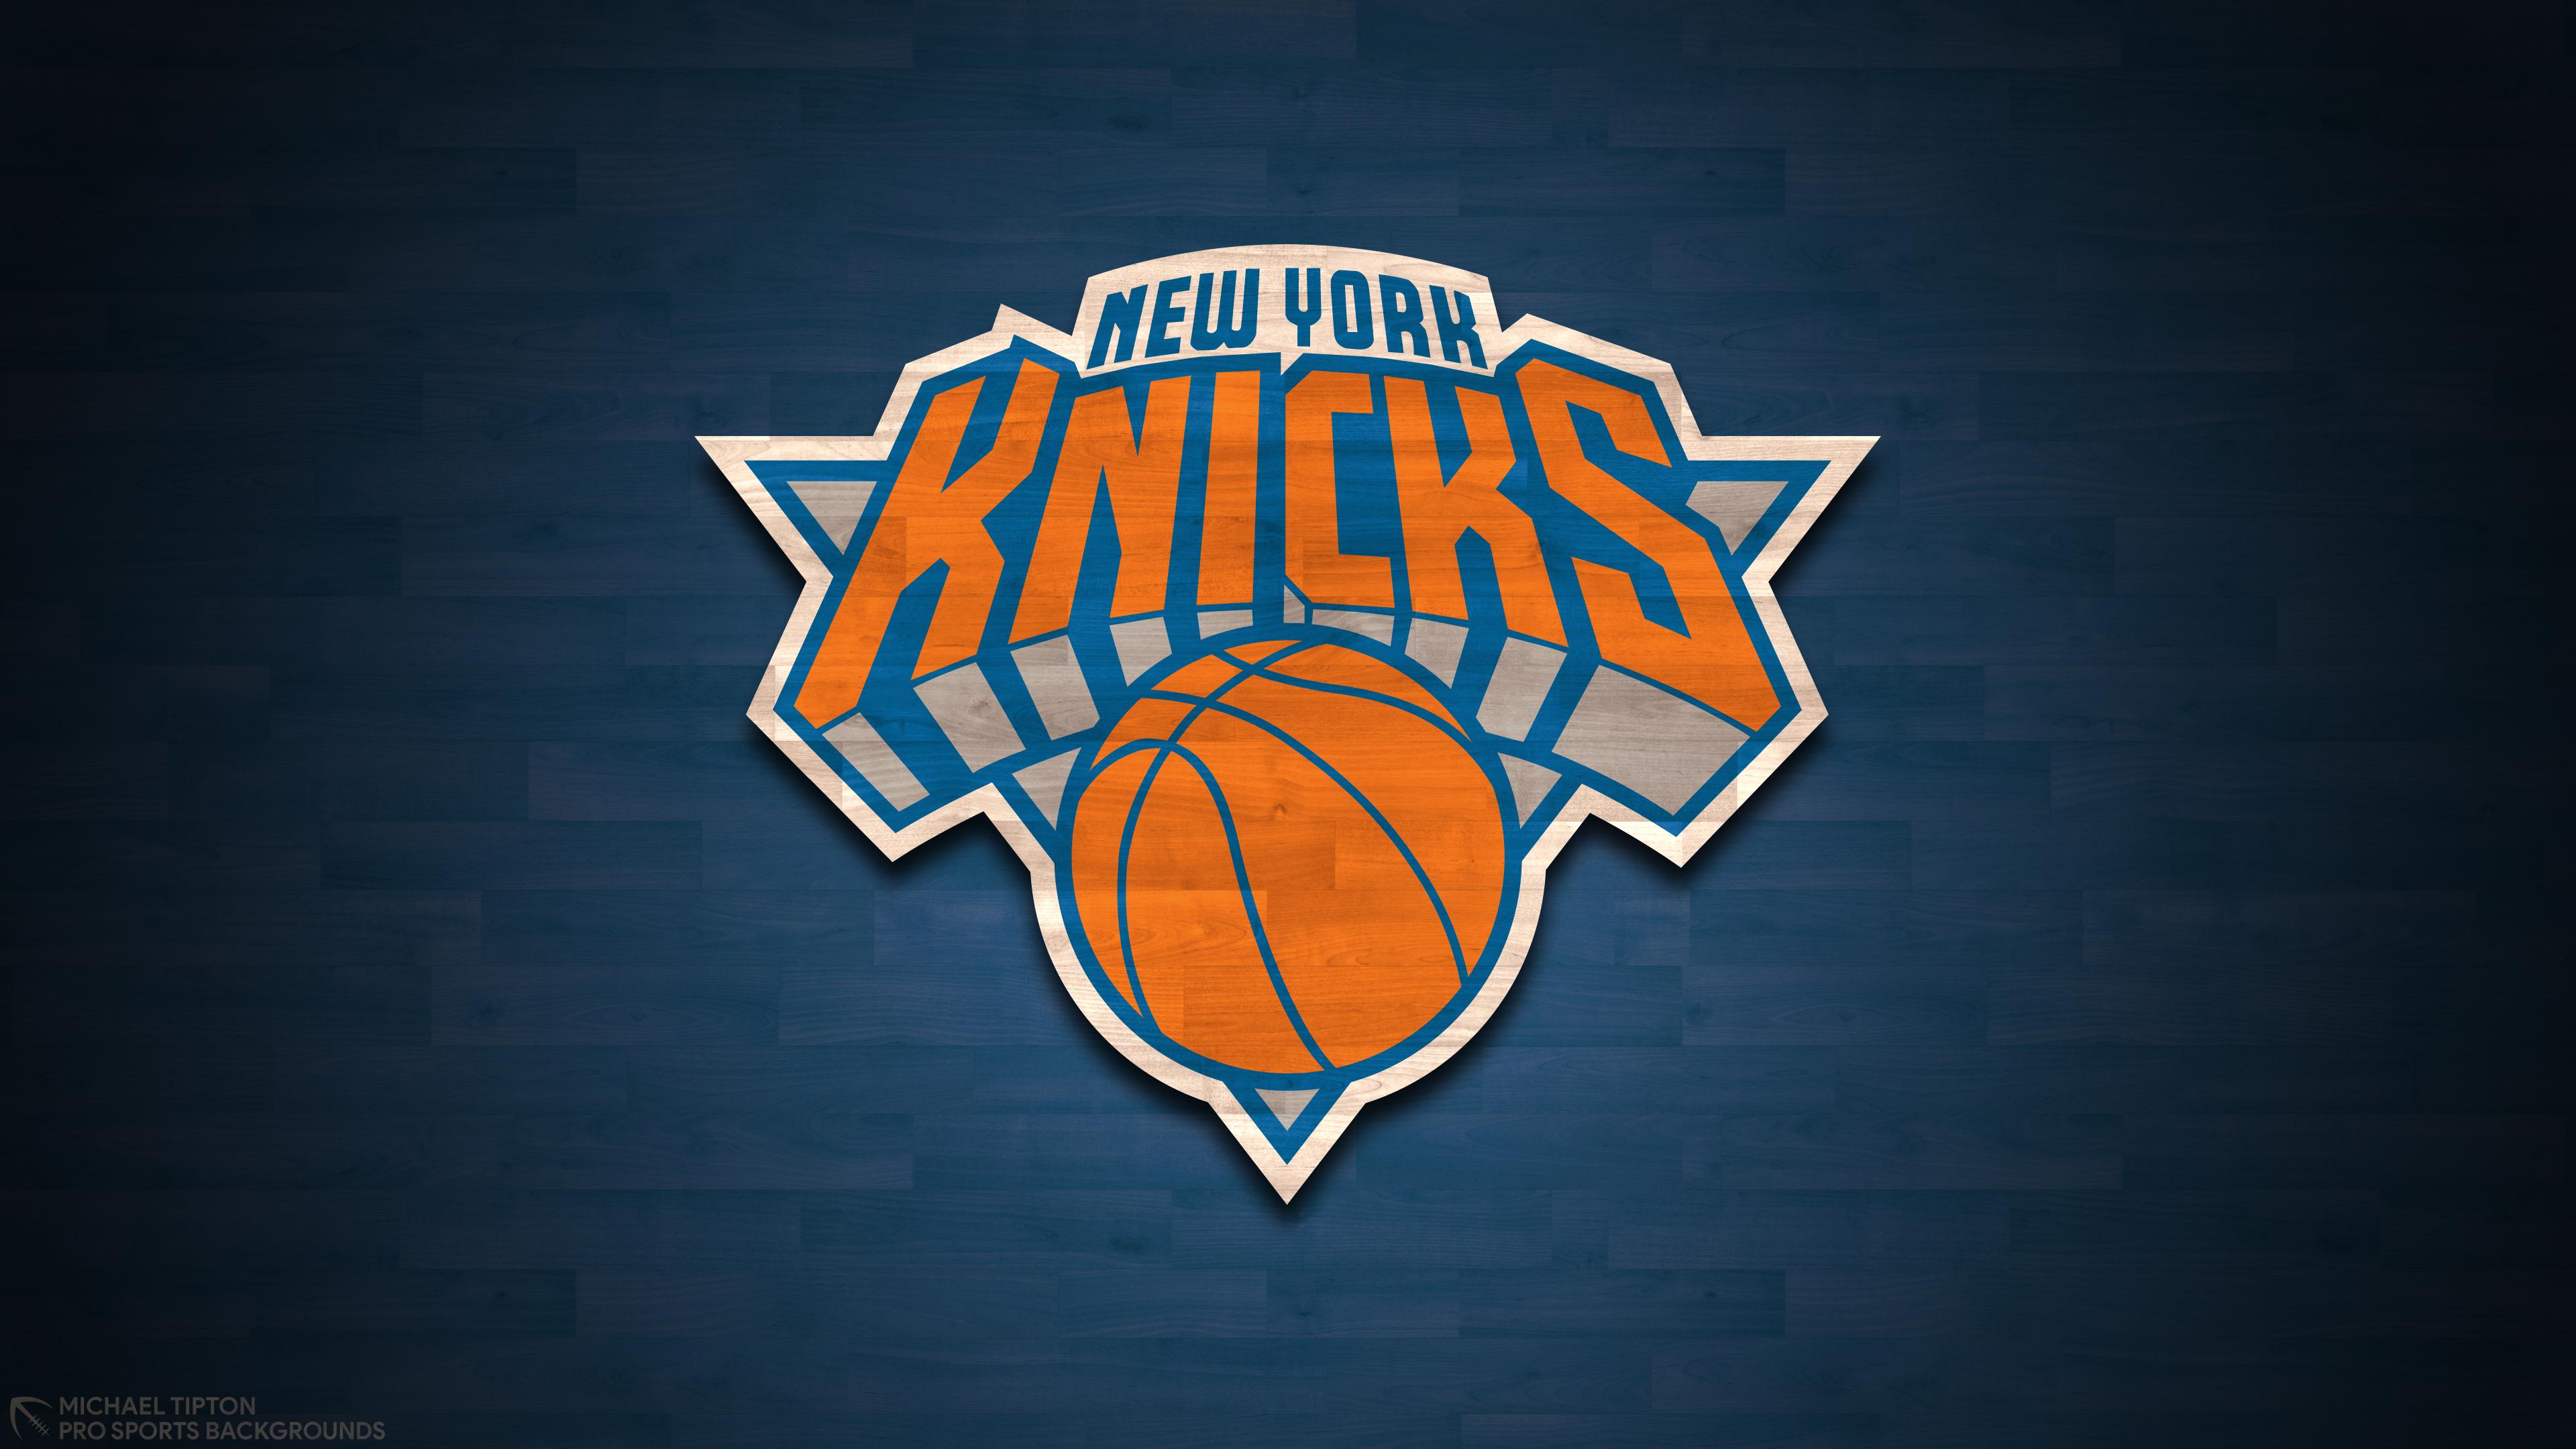 New York Knicks Wallpaper For Phone - 3840x2160 Wallpaper ...